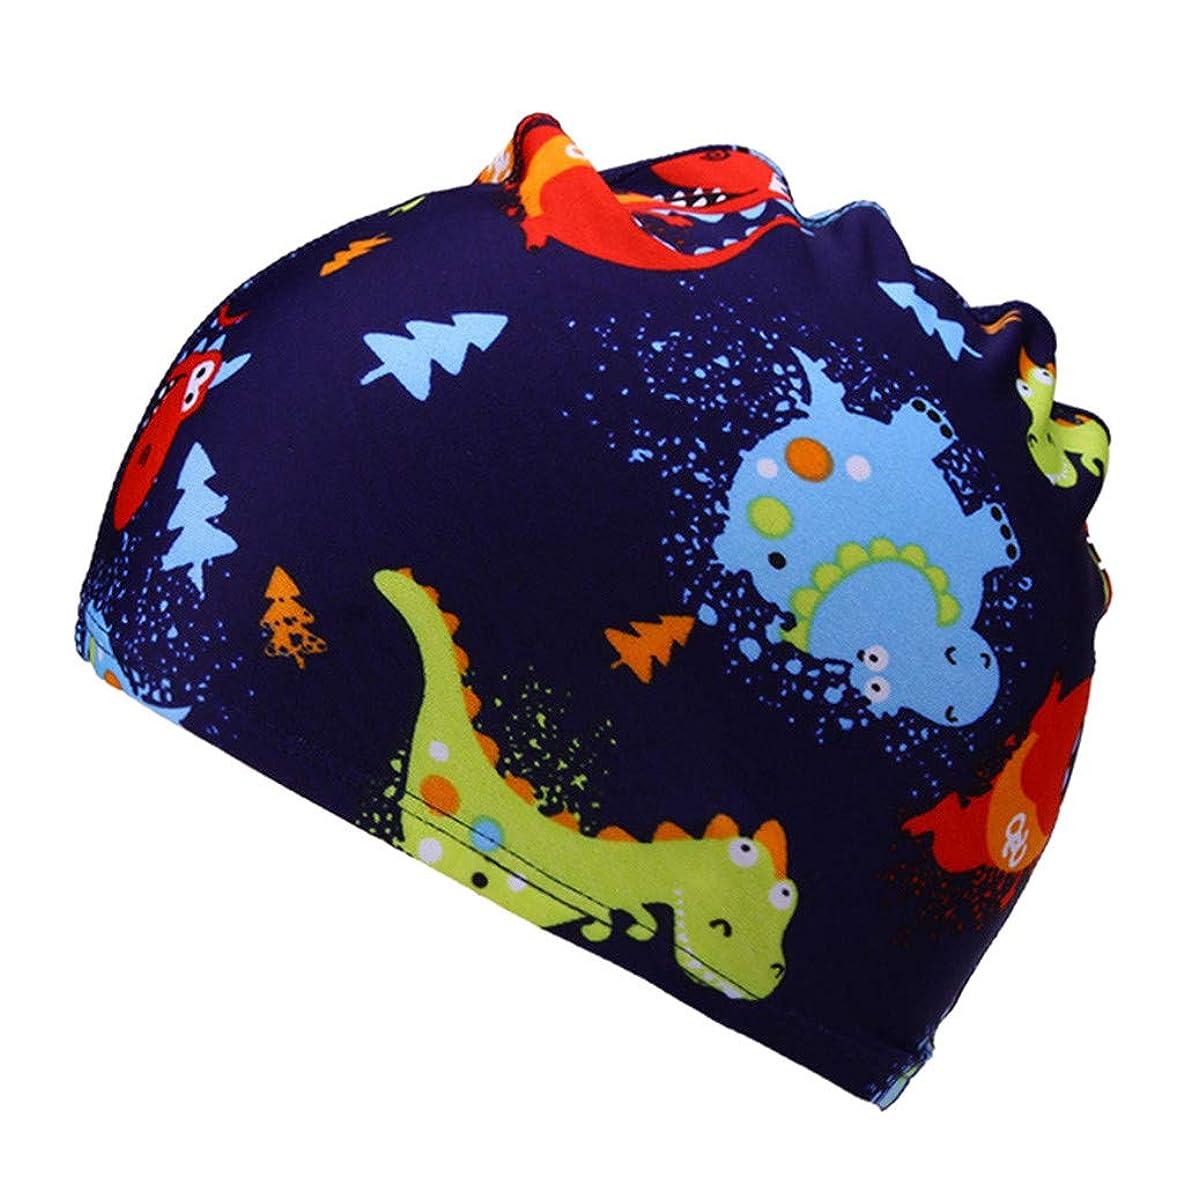 ハッピー良さ積分キッズ 水泳帽 スイムキャップ Kaiweini水泳柔らかいキャップ 子供 女の子 男の子 スイミングキャップ プール帽 可愛いサメ 魚 ベビー 海水帽 プール 海水浴 海 温泉 ダイビング 水泳用品